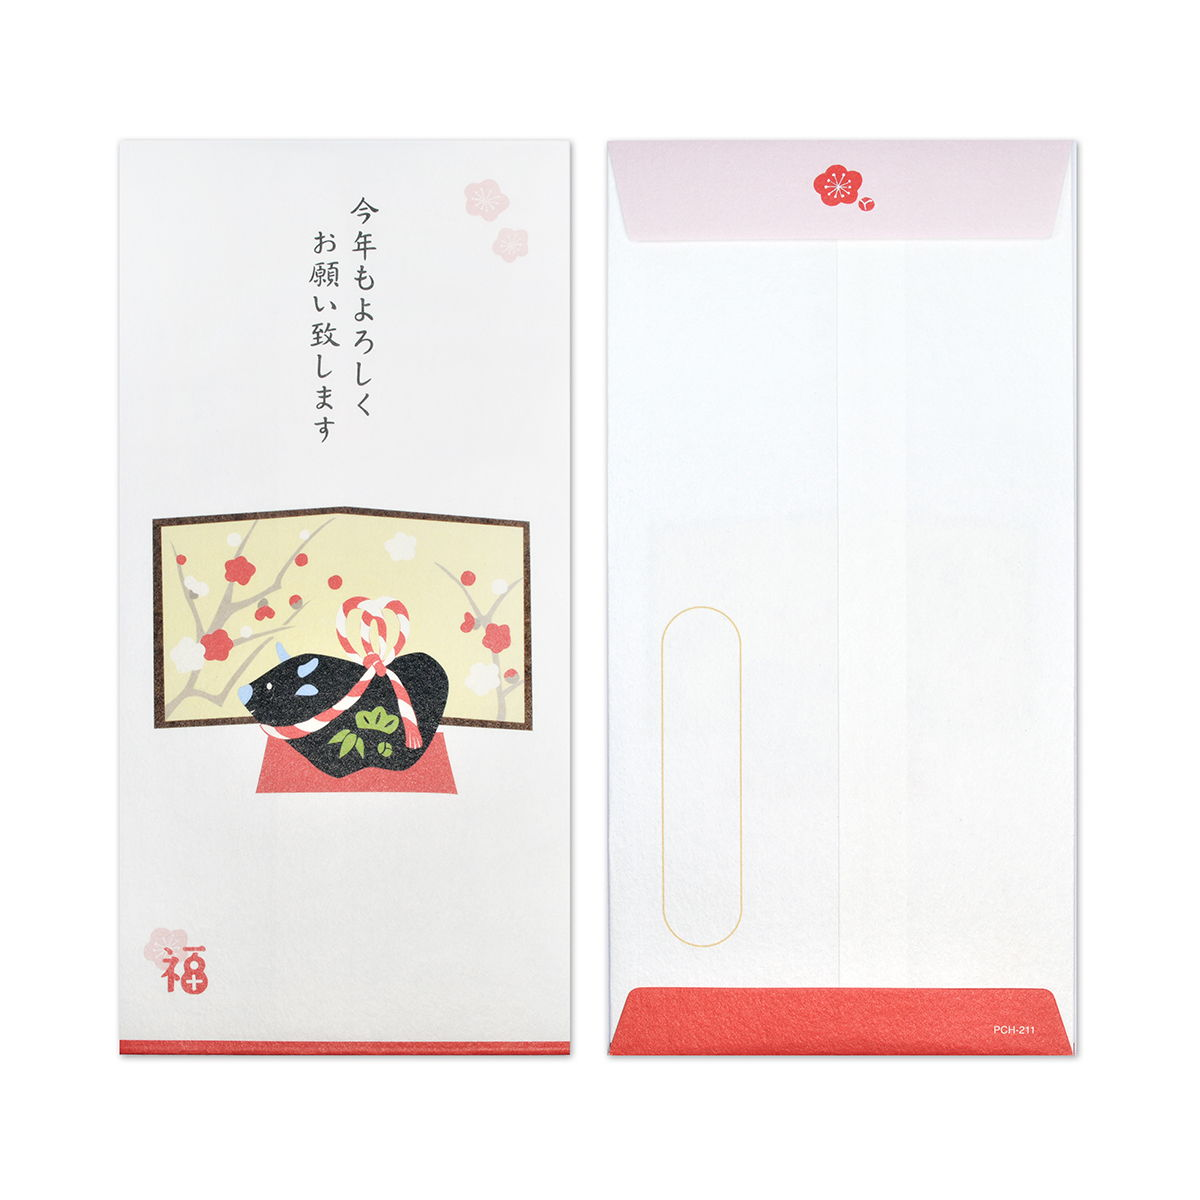 ポチ袋 お年玉 丑と屏風飾り ロング|pch-211